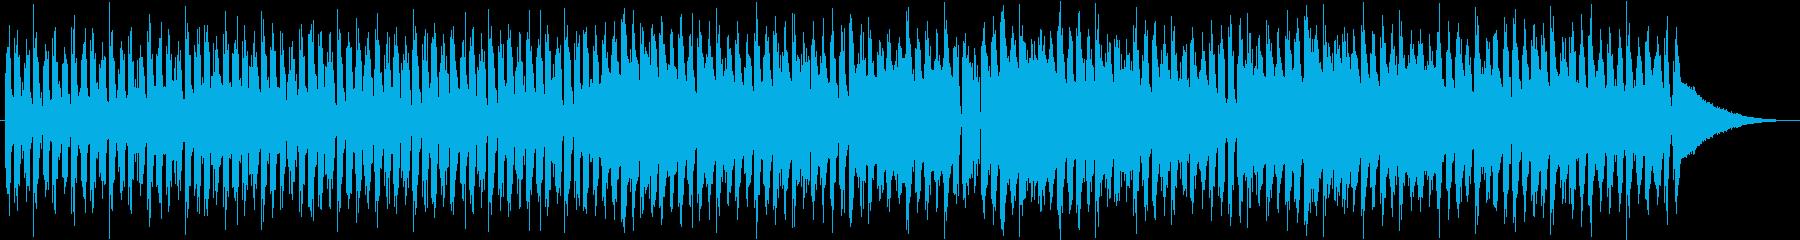 【都会的】金管楽器が華やかな4つ打ち楽曲の再生済みの波形